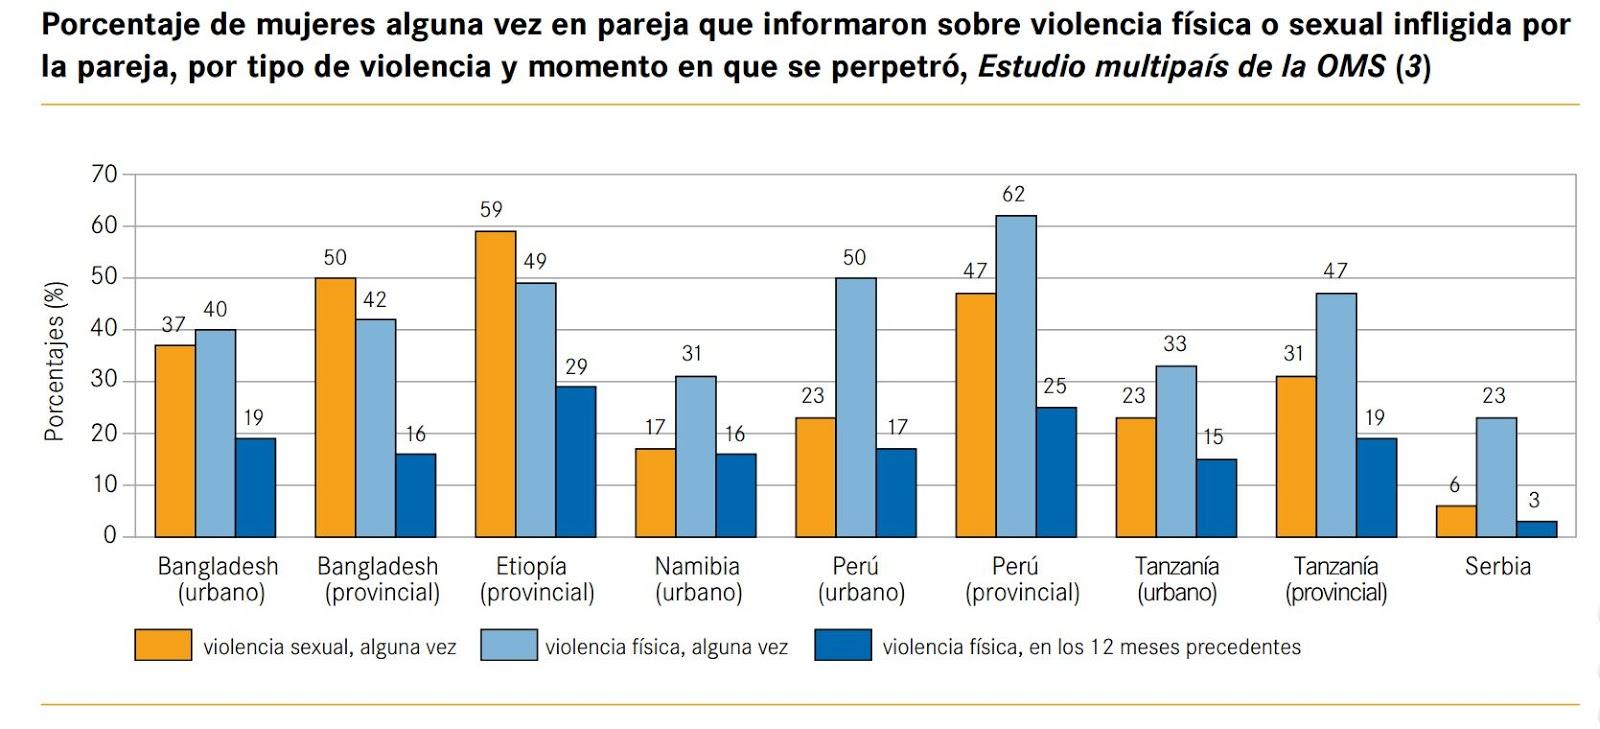 Gráfico en cuestión que dio origen al titular sensacionalista. Como puede verse lo más preocupante sería la prevalencia de la violencia física. Por otro lado, tomando en cuenta que los datos son de una encuesta del año 2005, uno se cuestiona los resultados.